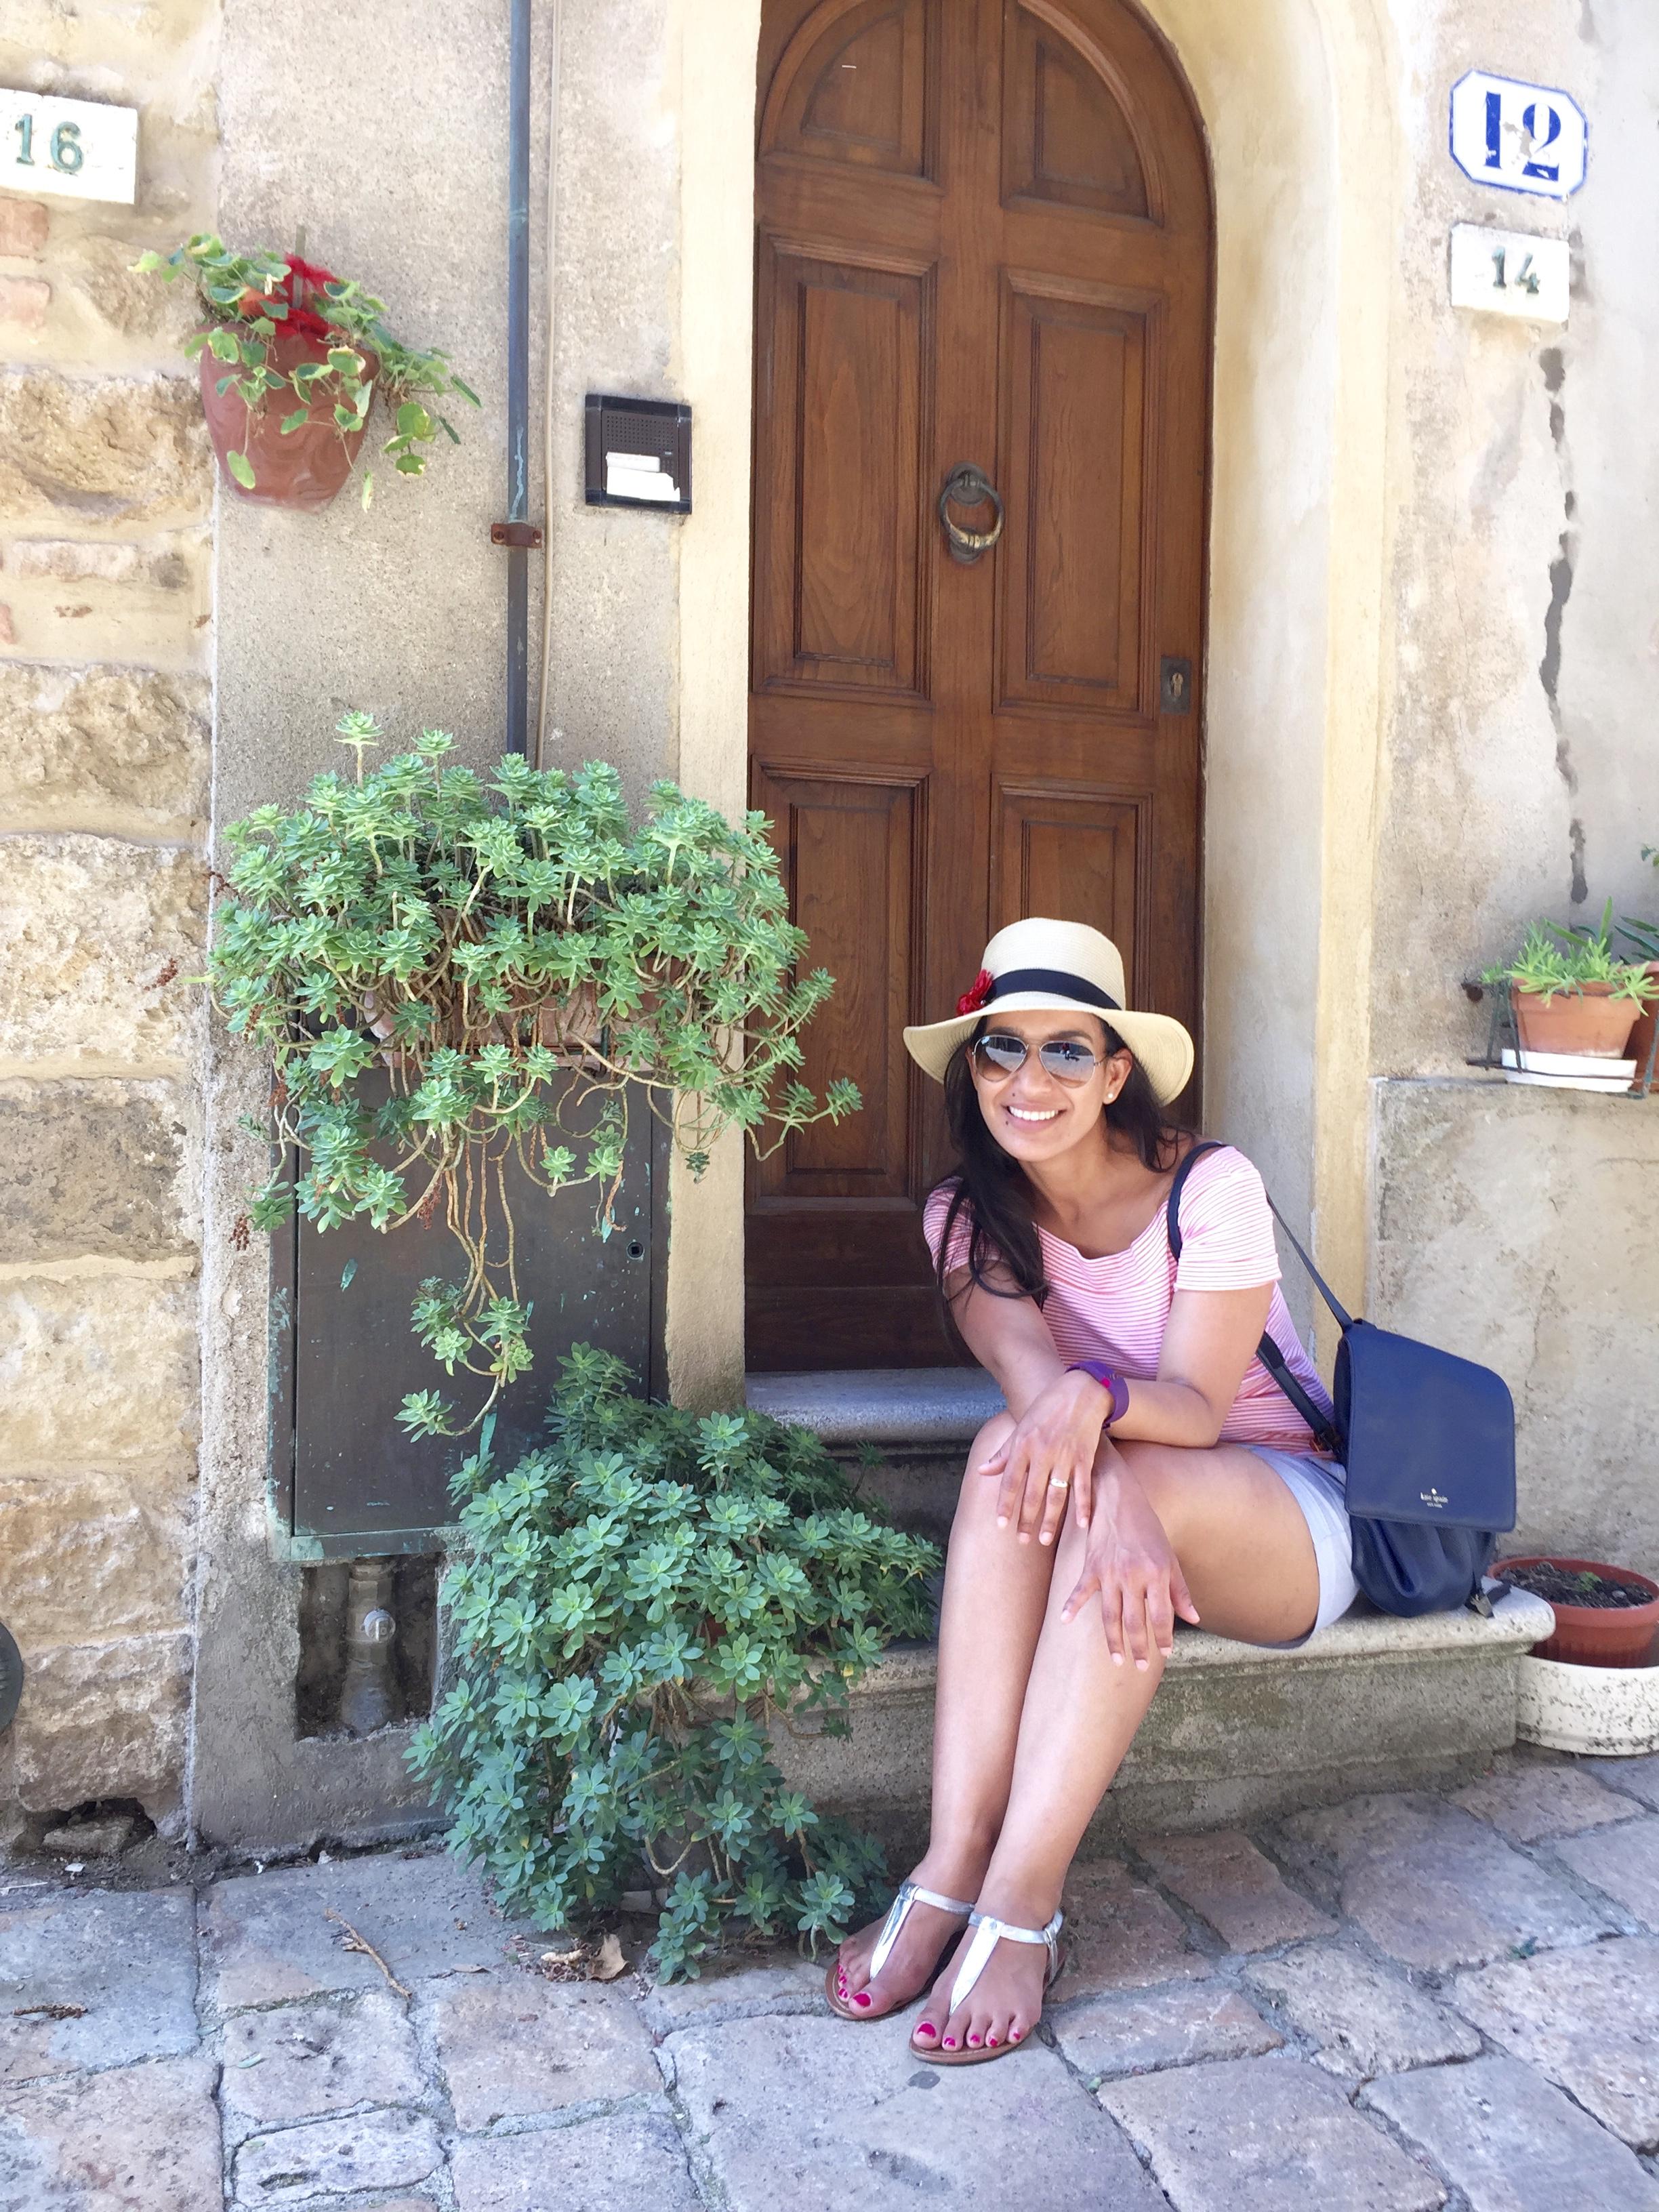 Colores toscanos @daniglambook